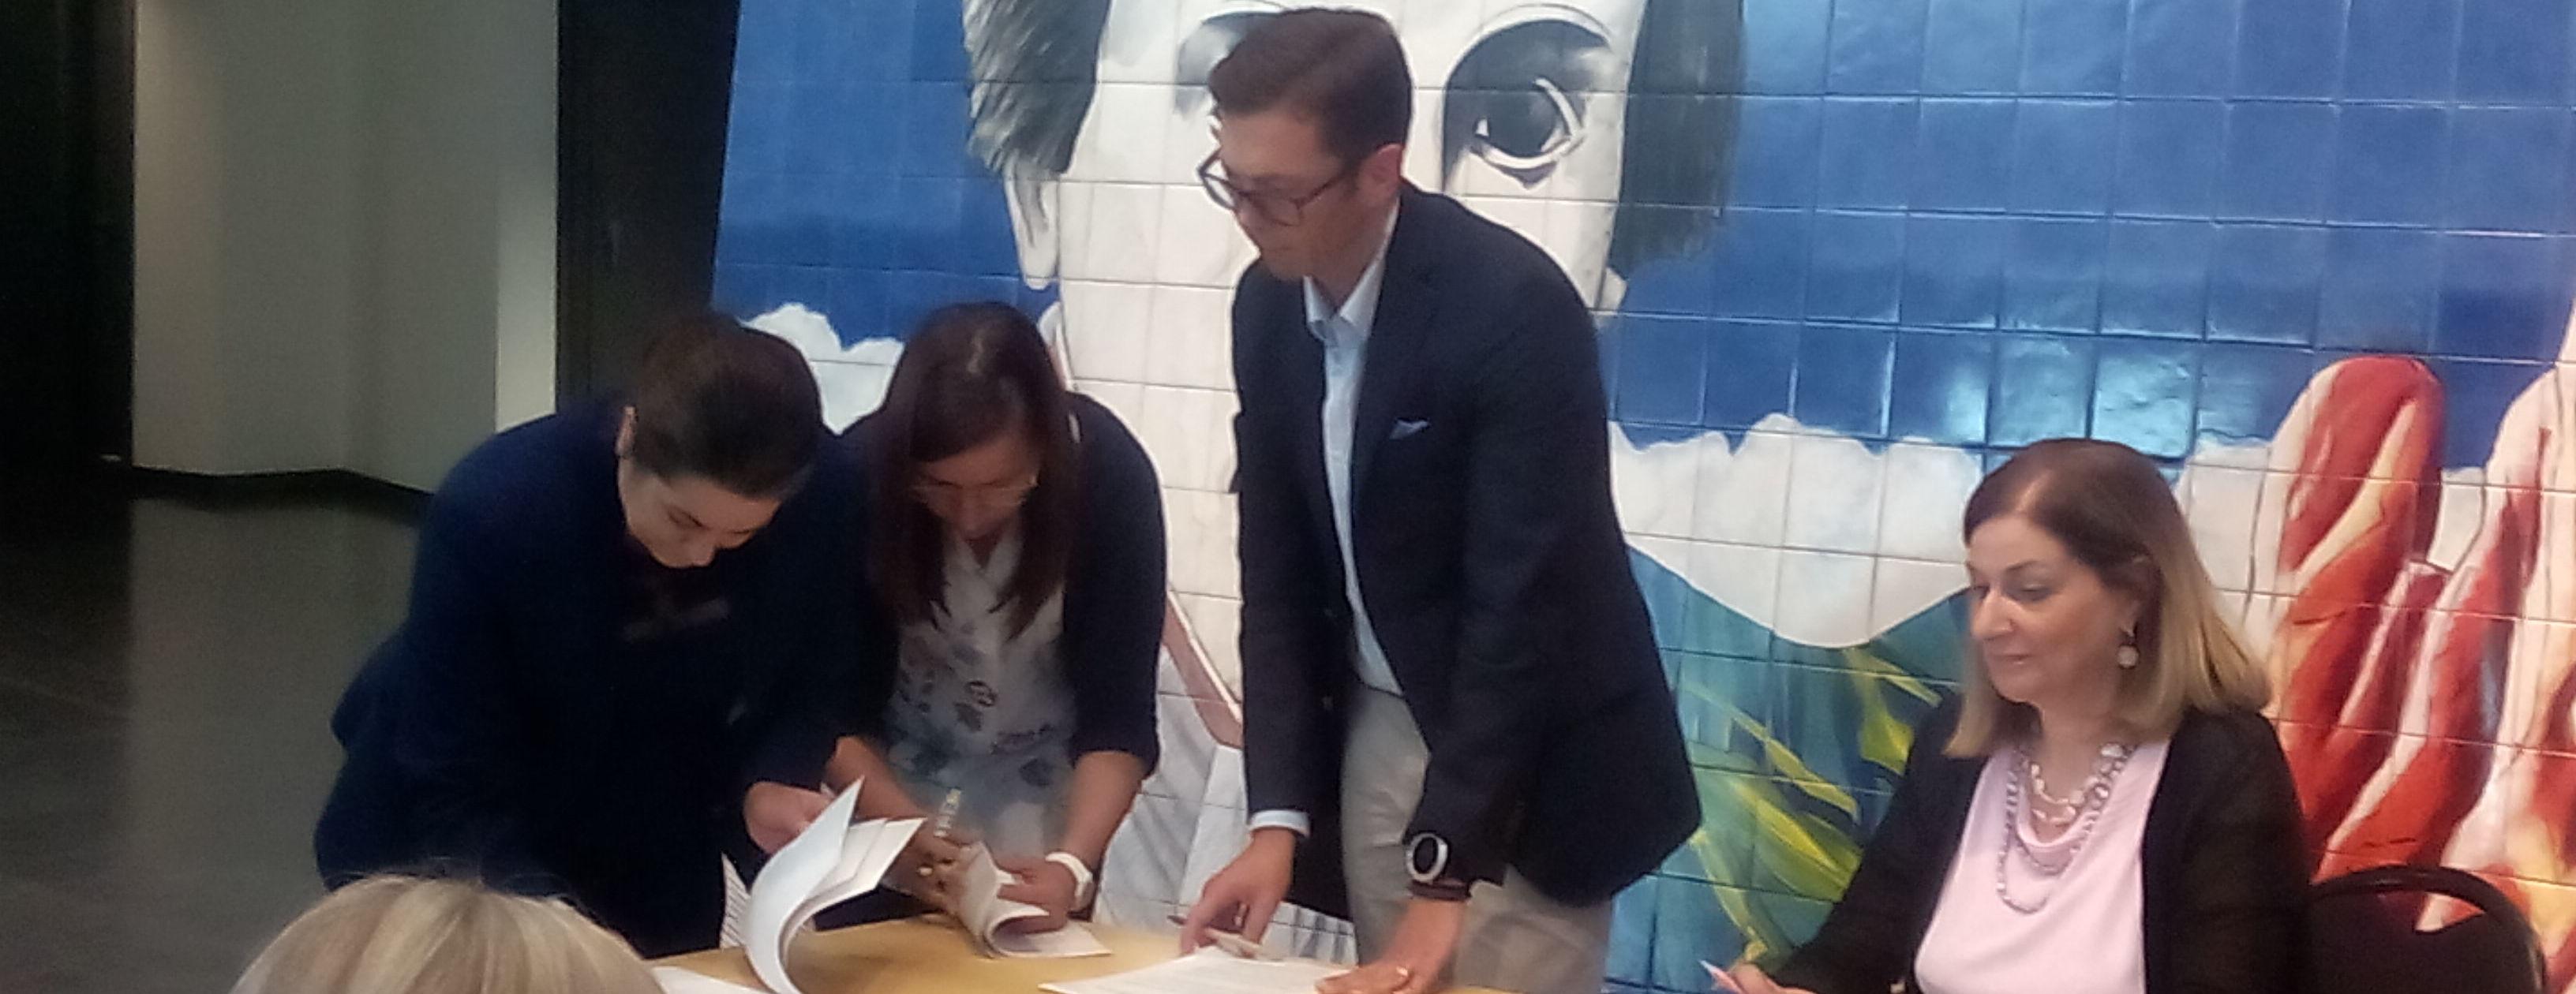 Município de Barcelos adere à Rede Regional de Ludotecas